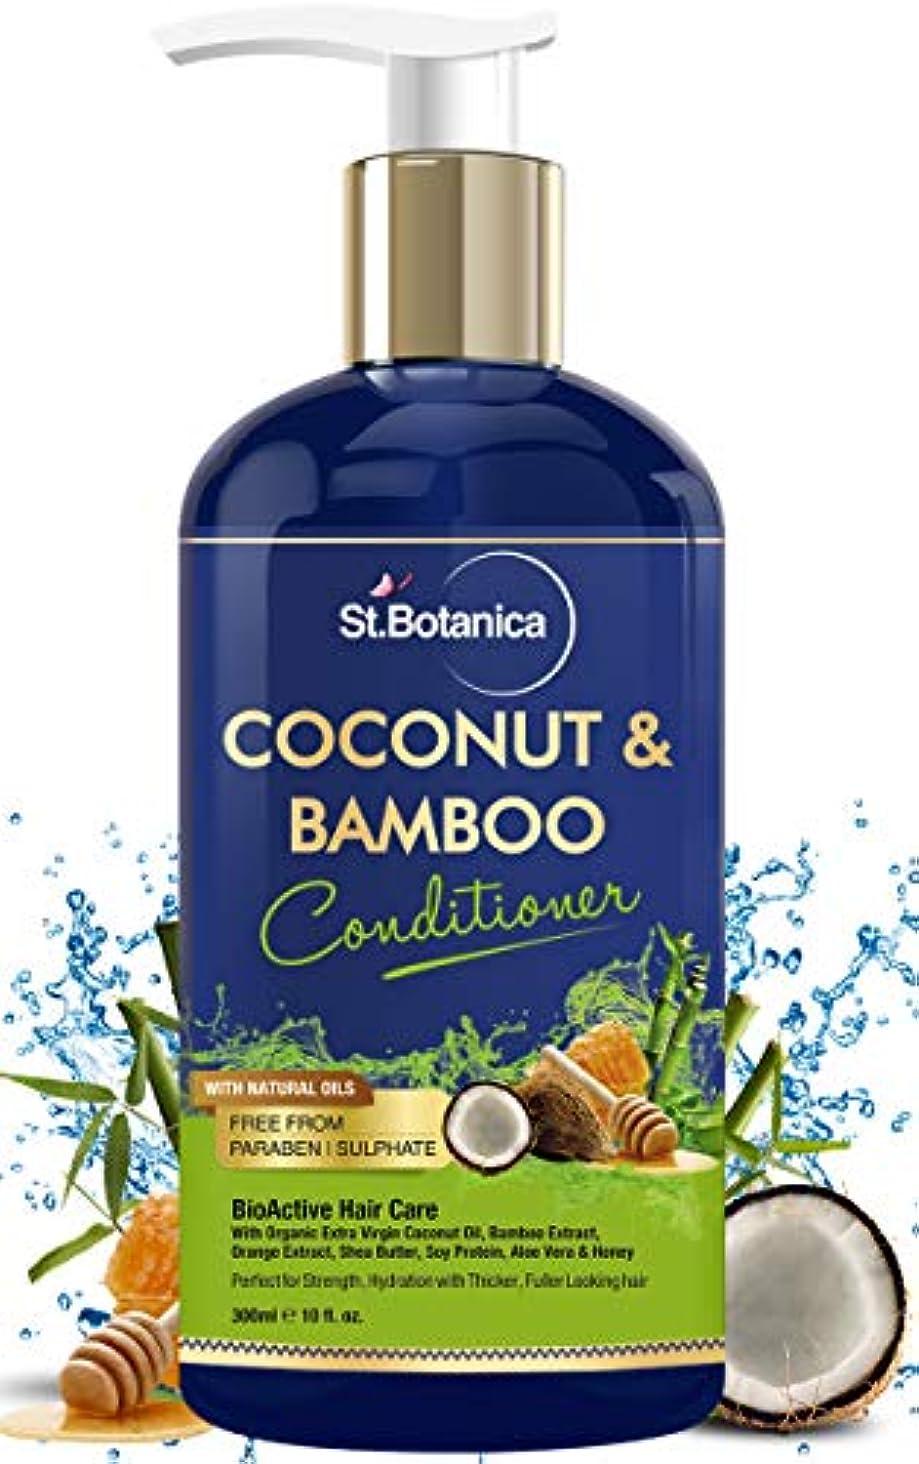 式バケット真珠のようなStBotanica Coconut & Bamboo Hair Conditioner, 300ml - For Hair Strength & Hydration, with Organic Virgin Coconut...